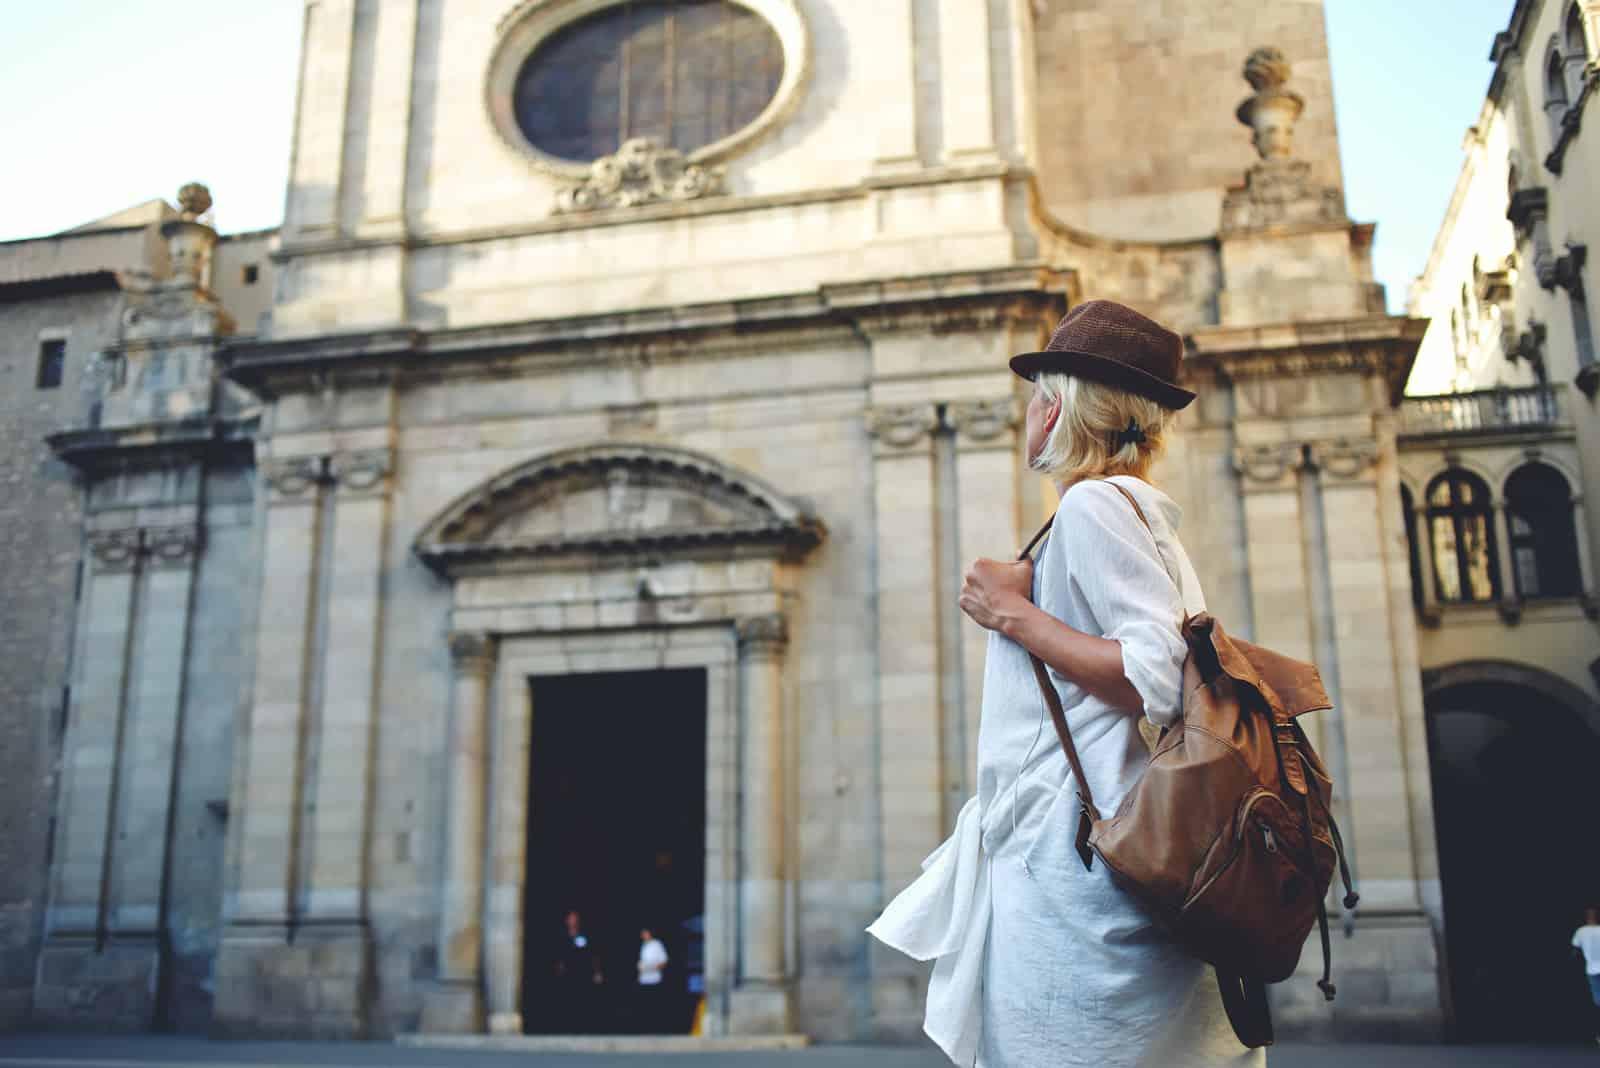 femme voyageur avec un sac à dos sur son épaule